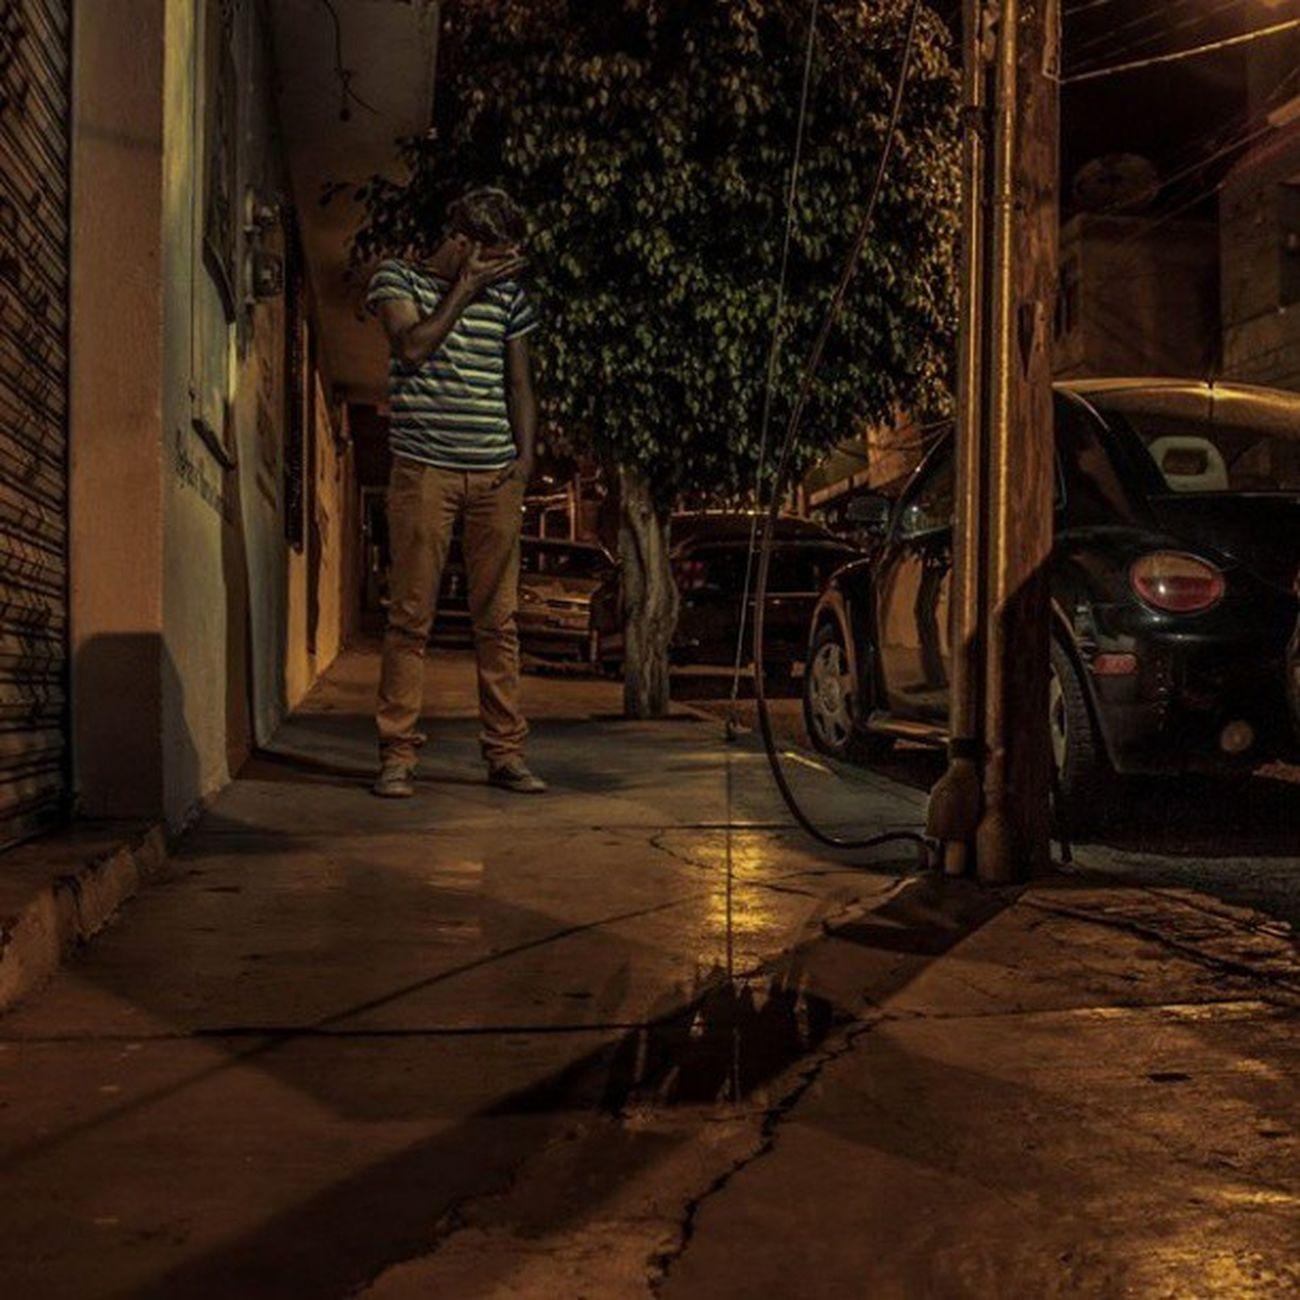 73/365 Ahfotografia 365project ByAlexHernández Photography MyArt